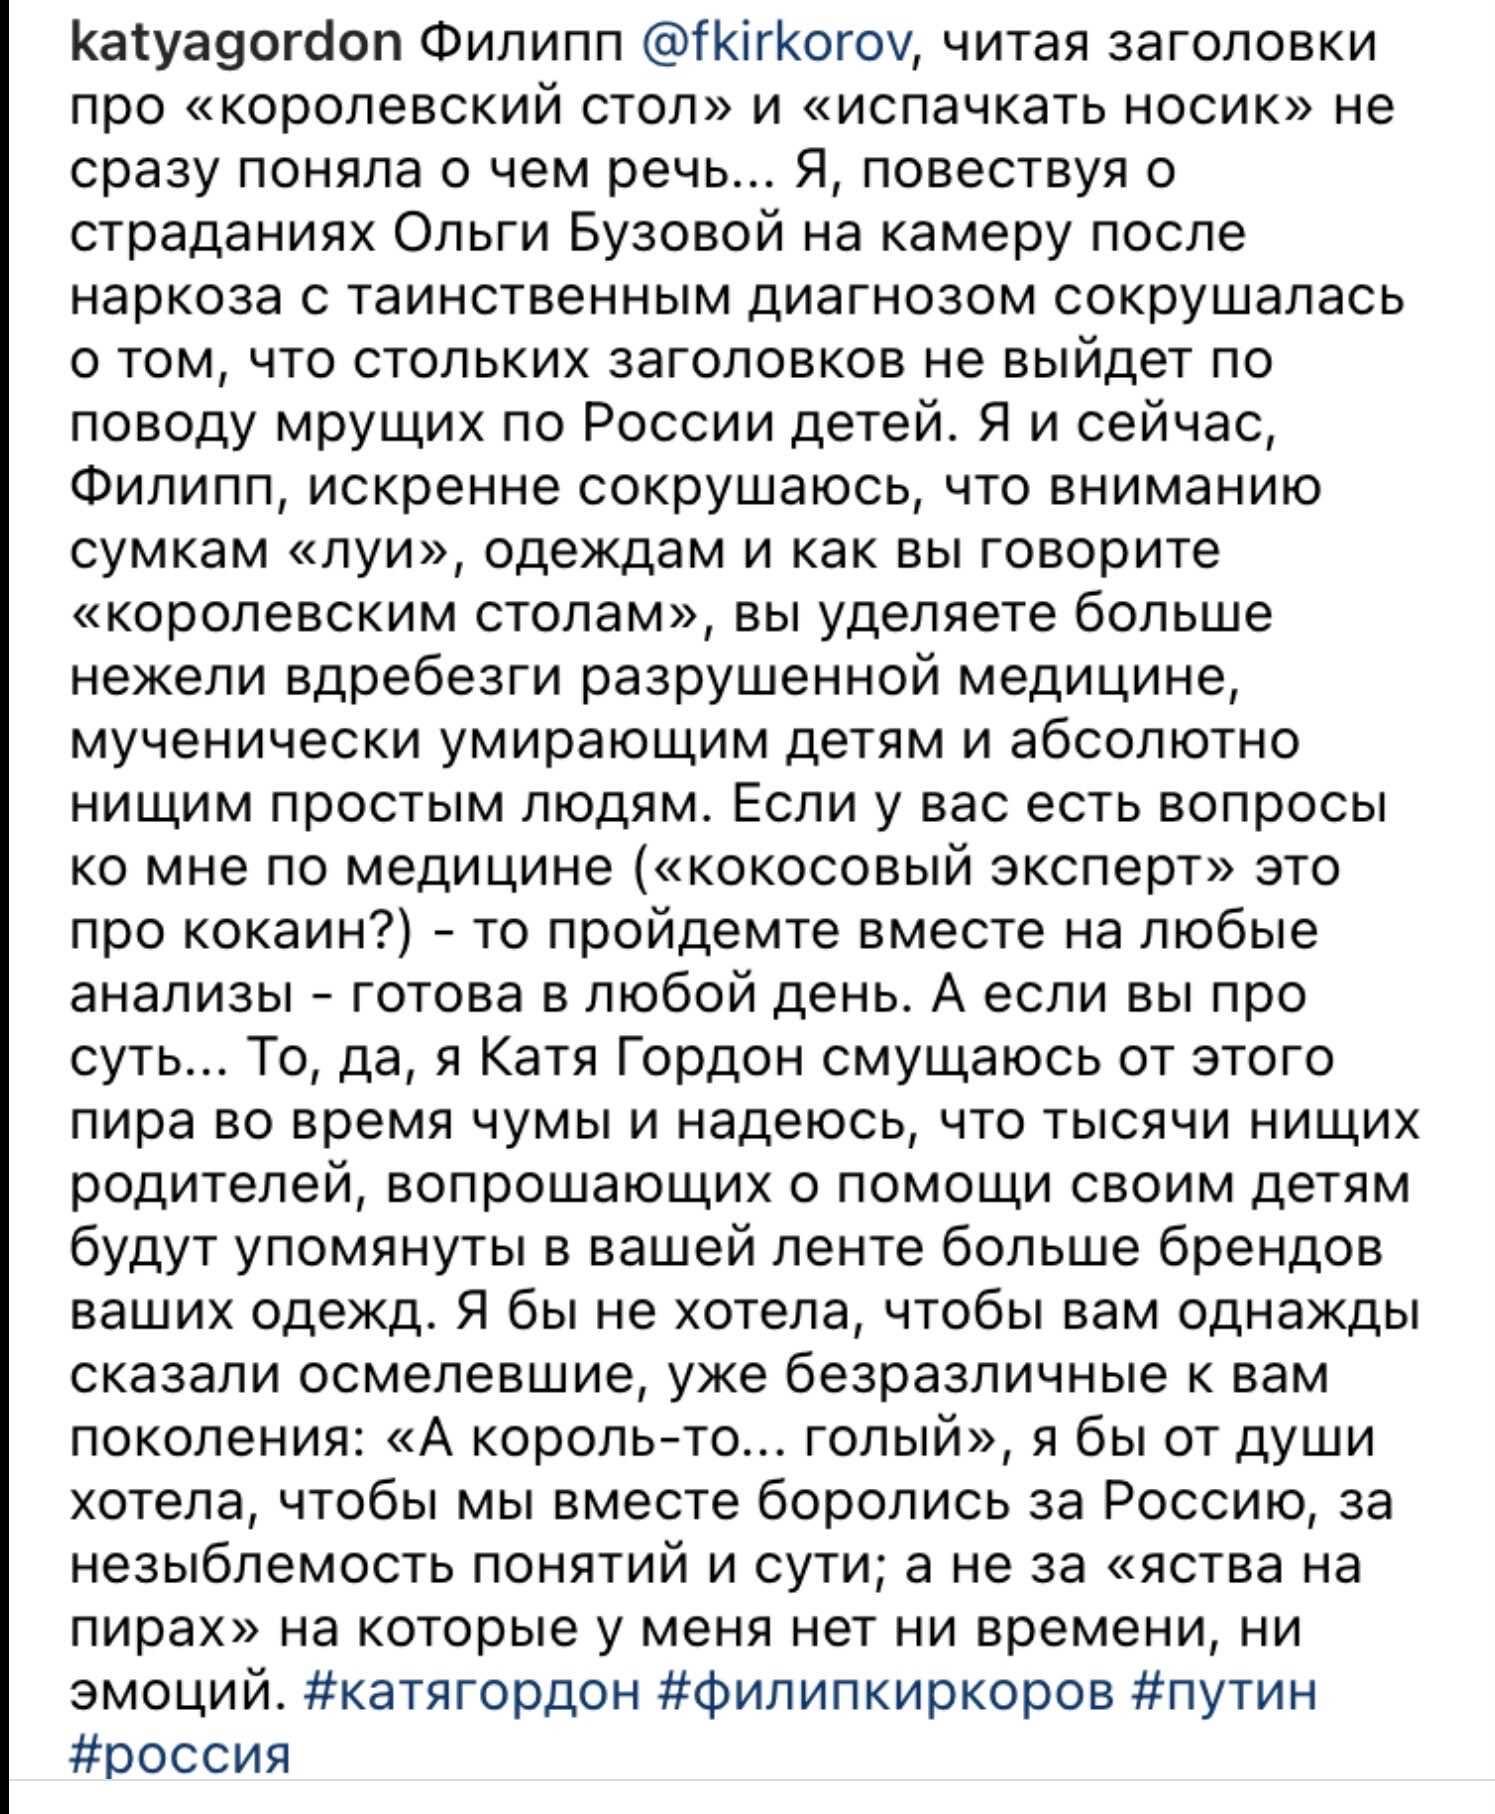 Катя Гордон резко поставила на место Филиппа Киркорова, вступившегося за Ольгу Бузову